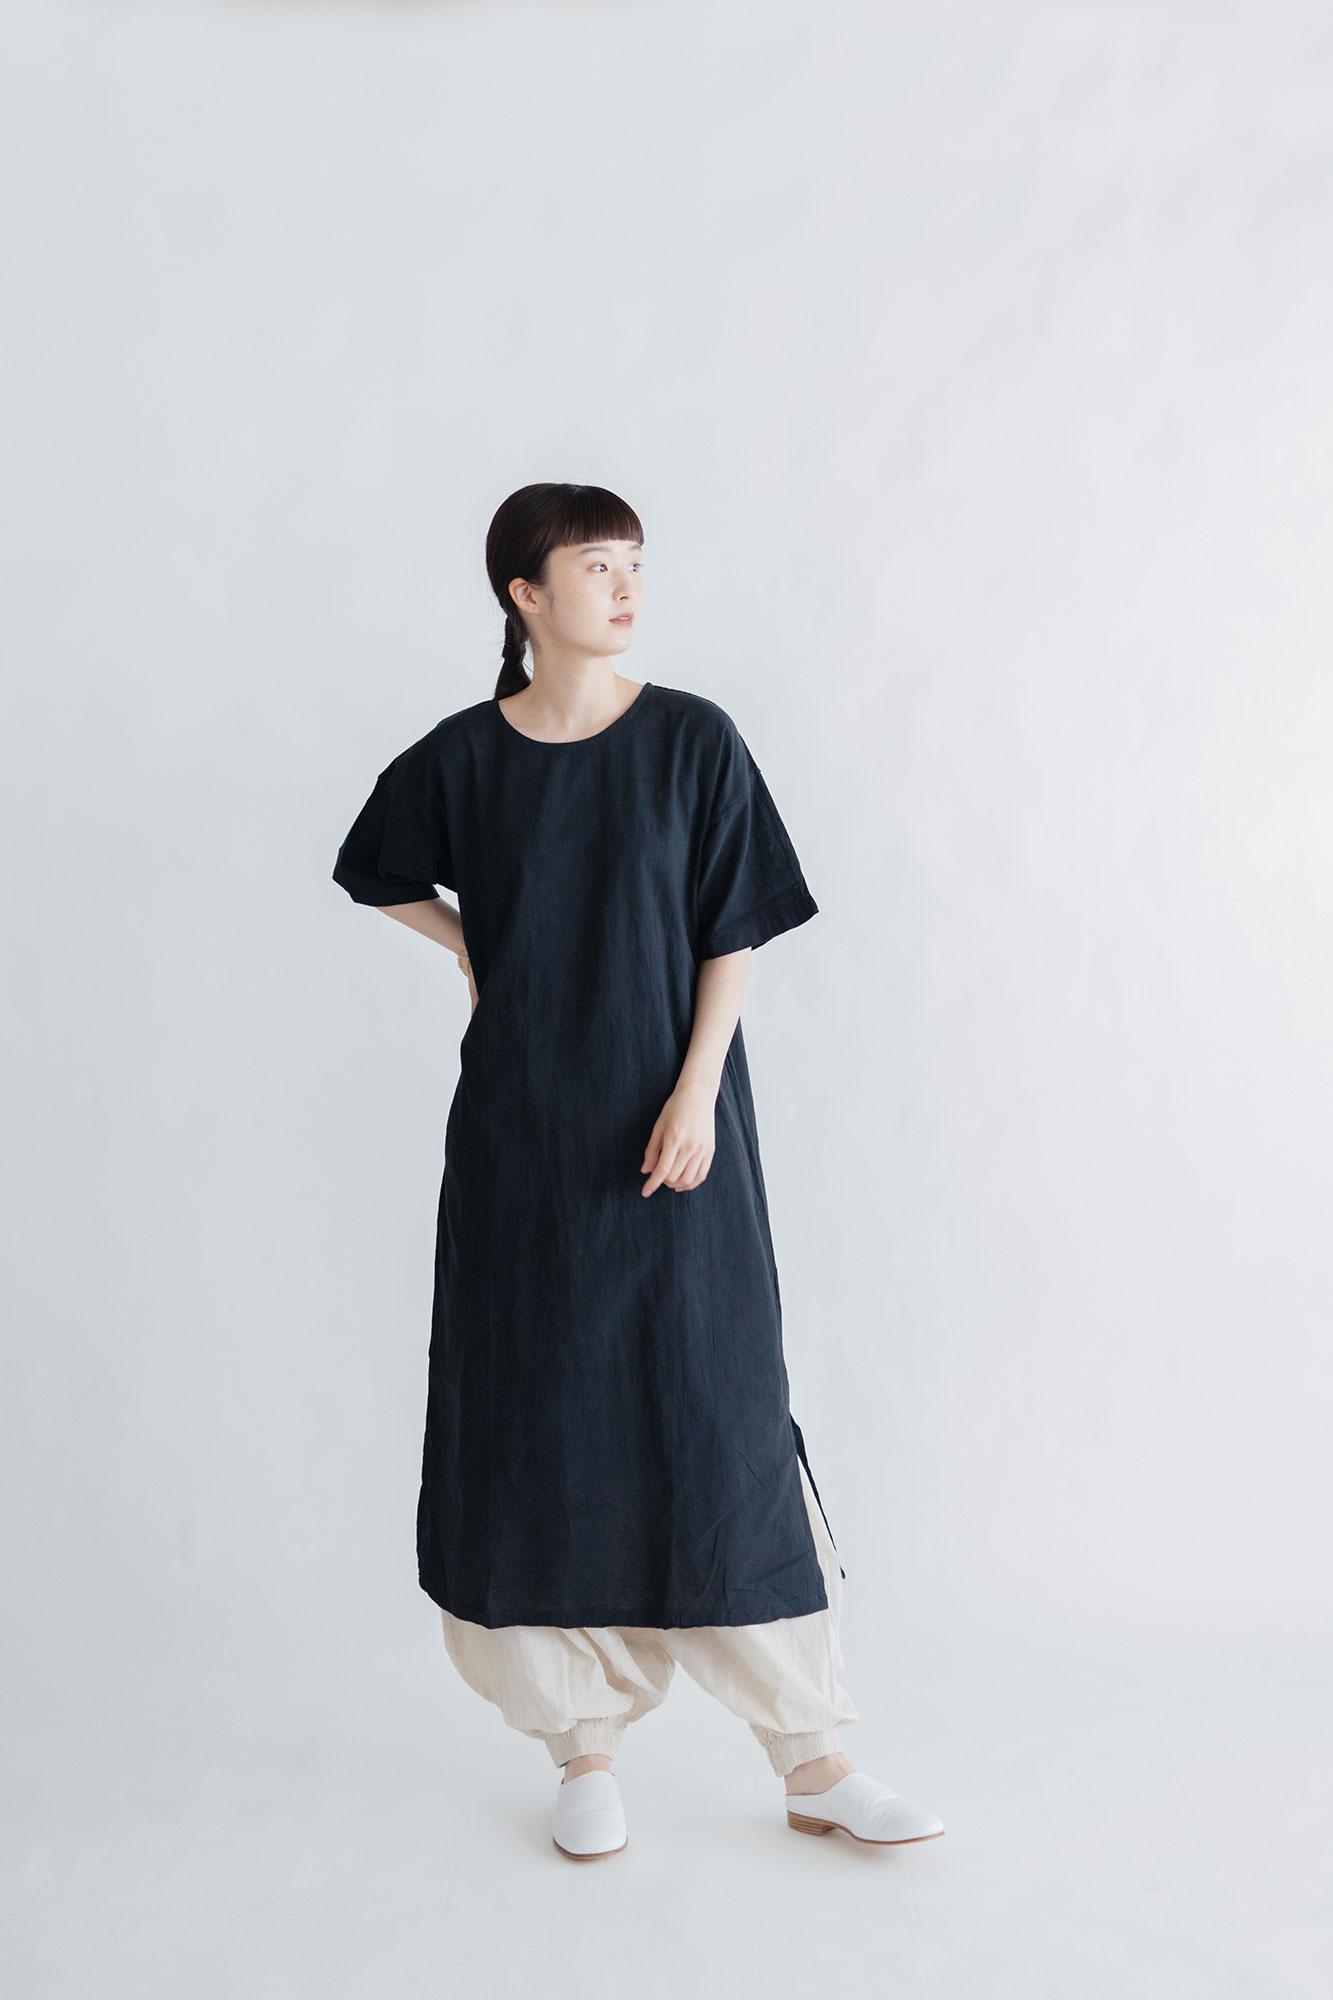 ヂェン先生の日常着 半袖ワンピース ブラック